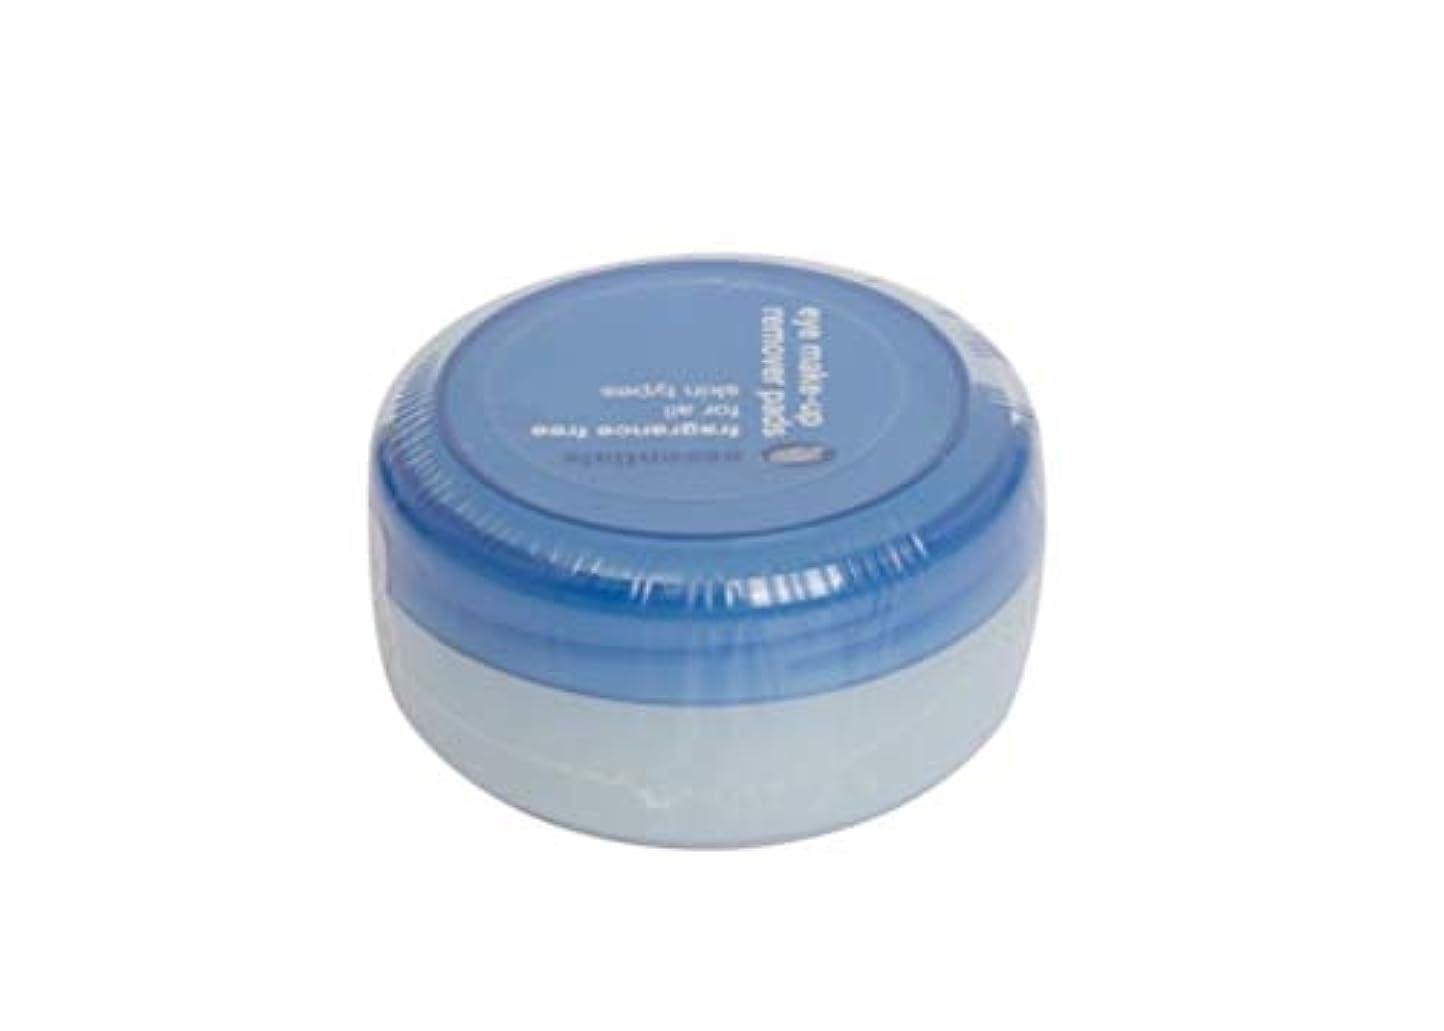 マンハッタンジョイント風味essentials☆アイメイクリムーバーパット40枚入り(無香)eye make-up remover pads 40pcs(fragrance free)[並行輸入品]